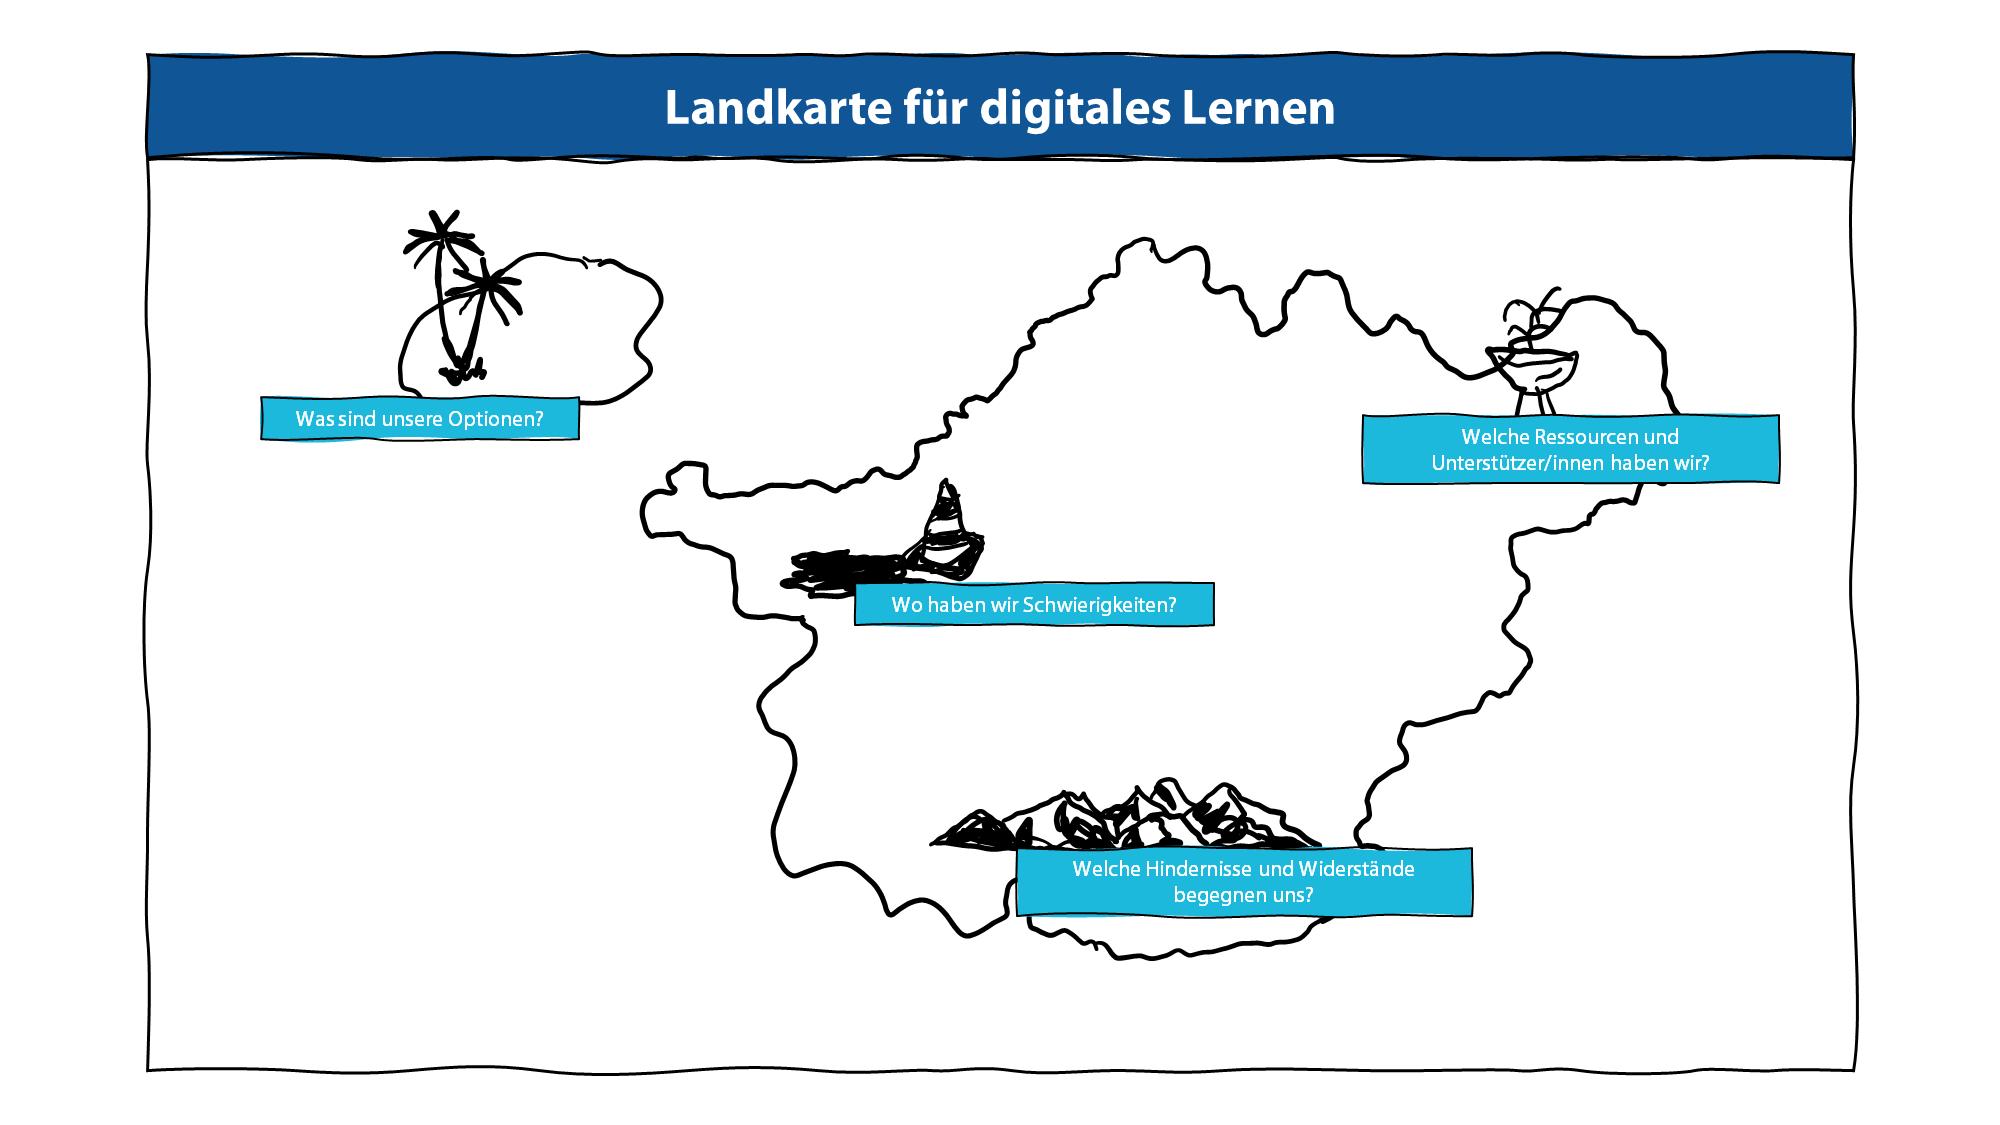 """Schritt 6: Zum inhaltlichen Abschluss fasst der LoDiLe die wesentlichen Erkenntnisse des Erkundungsprozesses nochmal zusammen, in dem der LoDiLe das Artefakt """"Landkarte für digitales Lernen"""" präsentiert."""